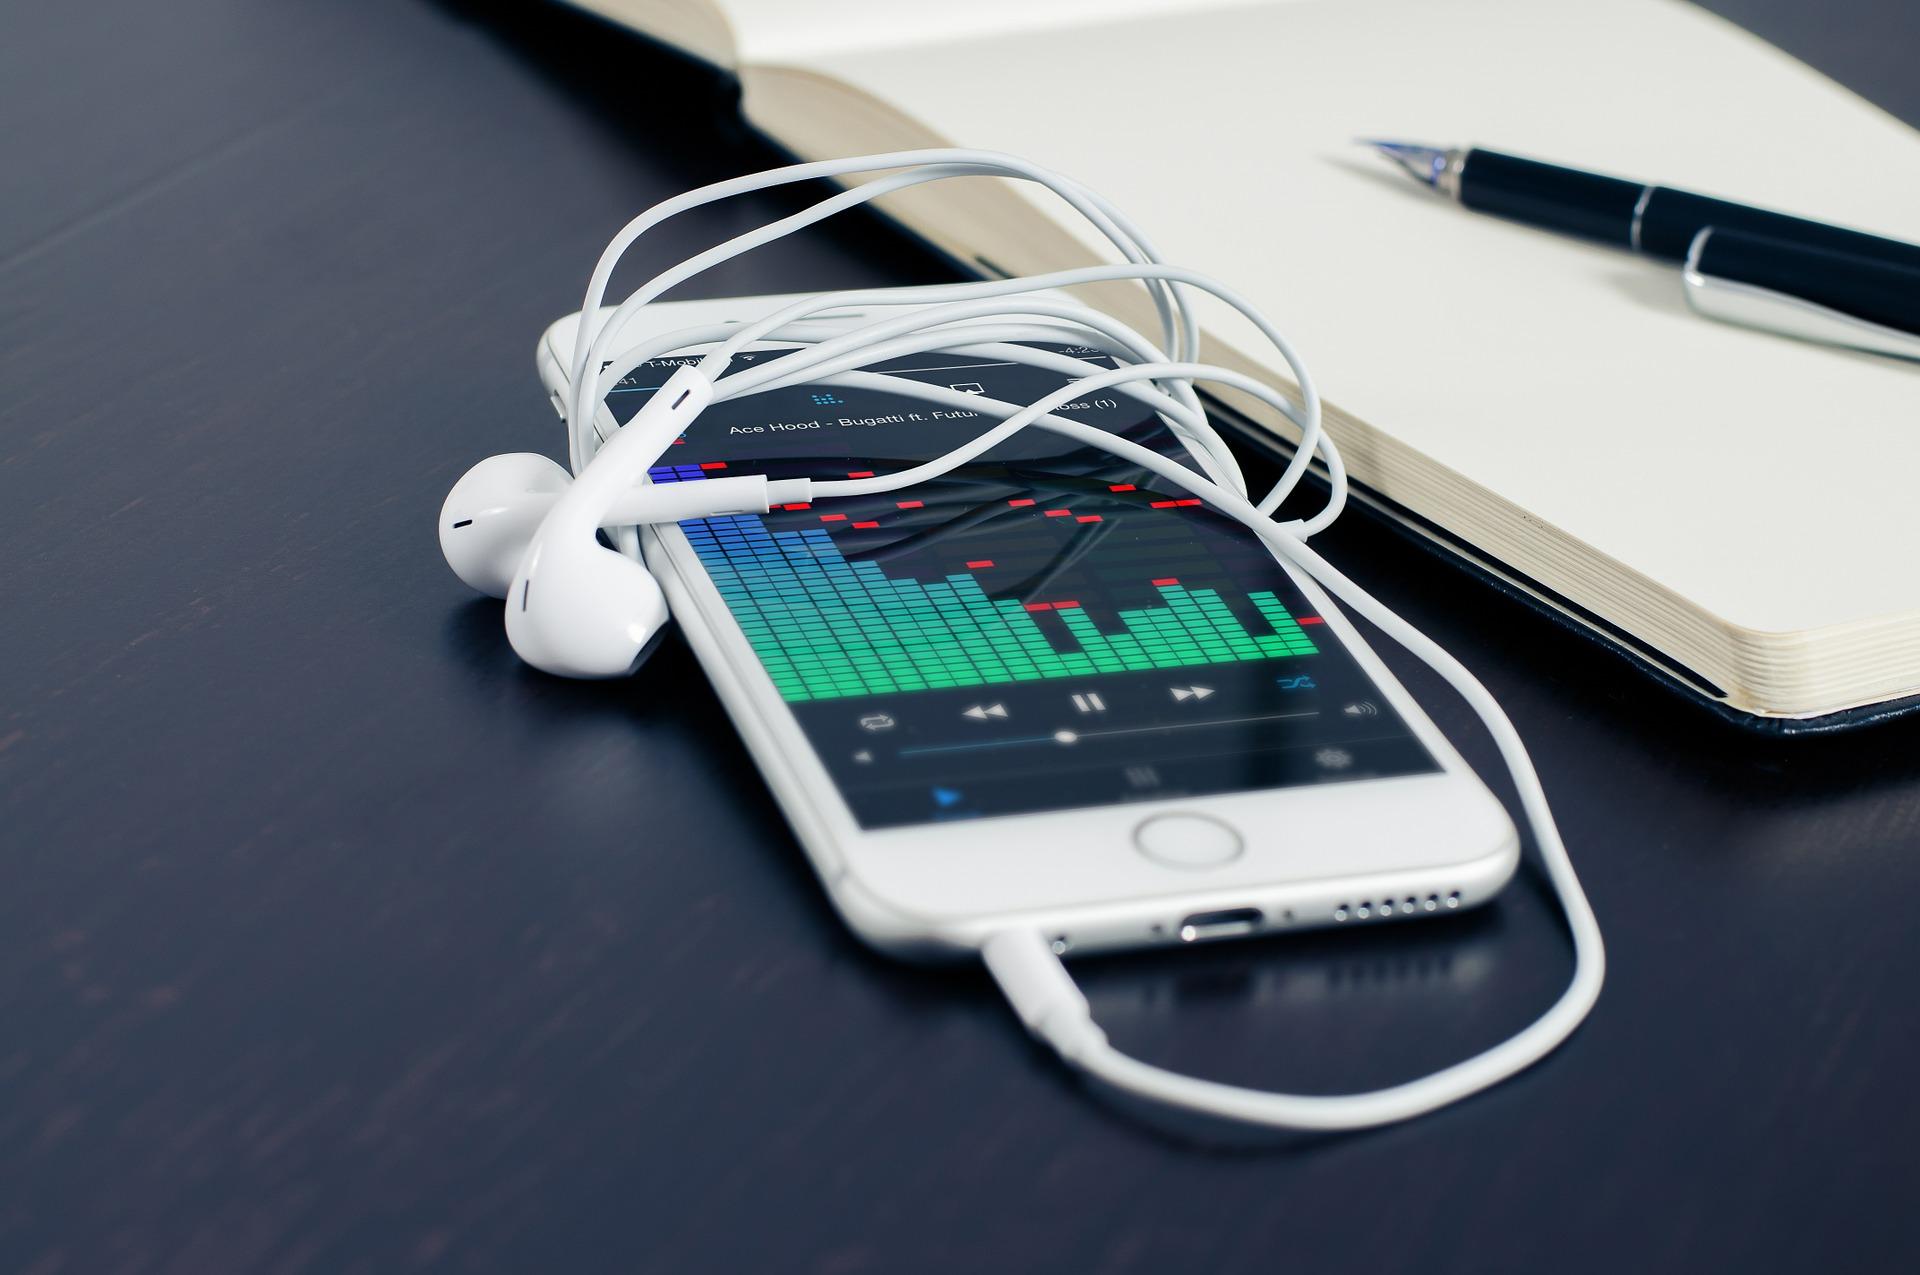 Consejos para reducir la cantidad de datos que gastas en tu móvil